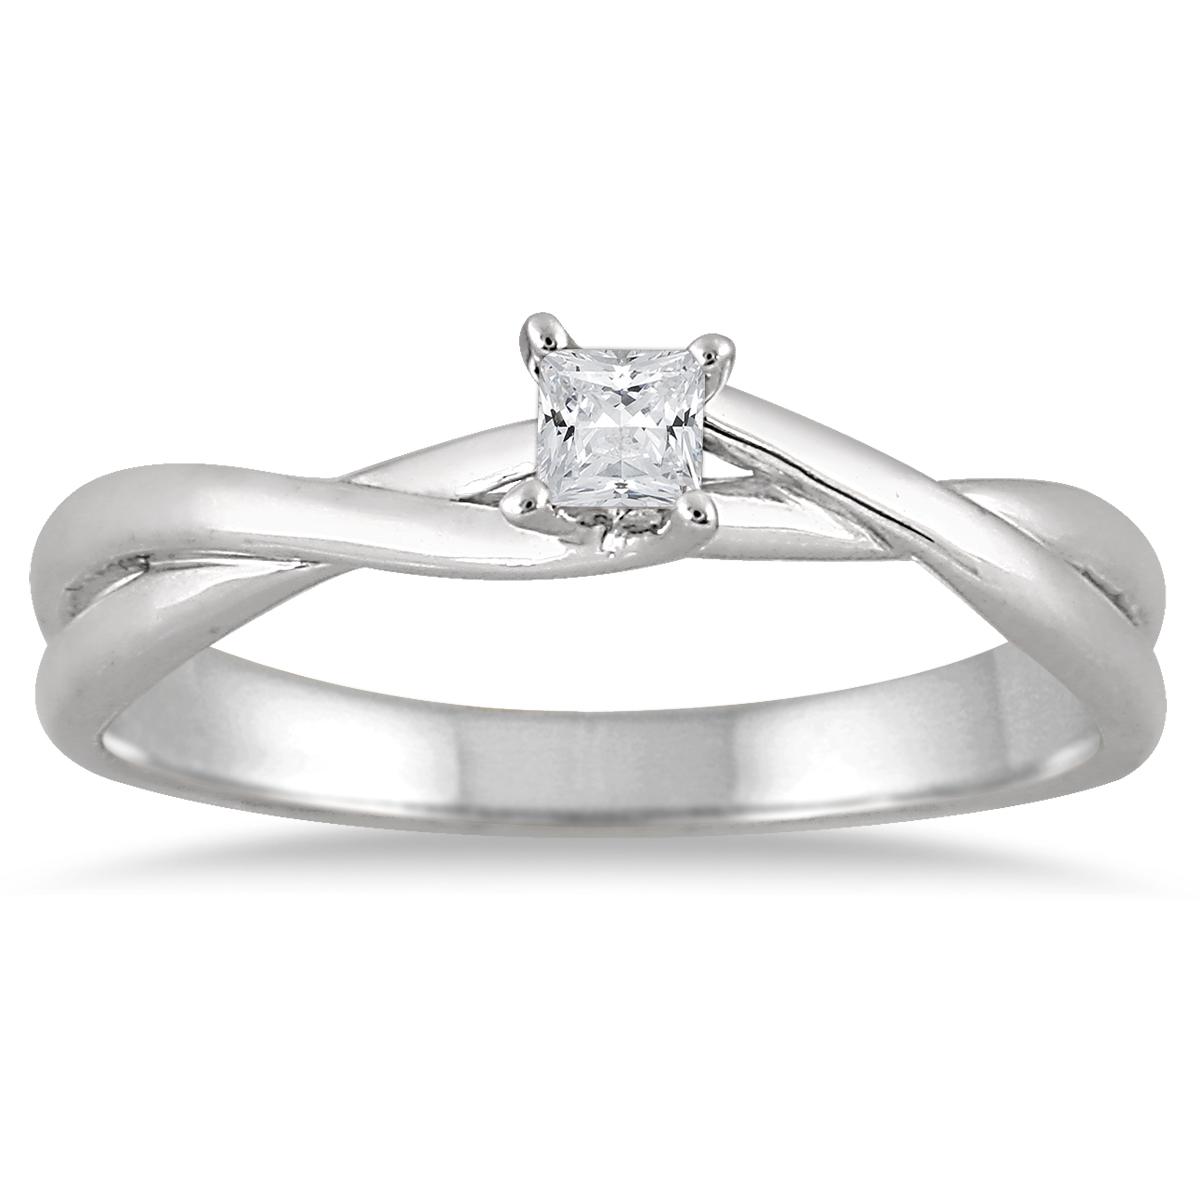 1/10 Carat Princess Diamond Solitaire Braided Ring